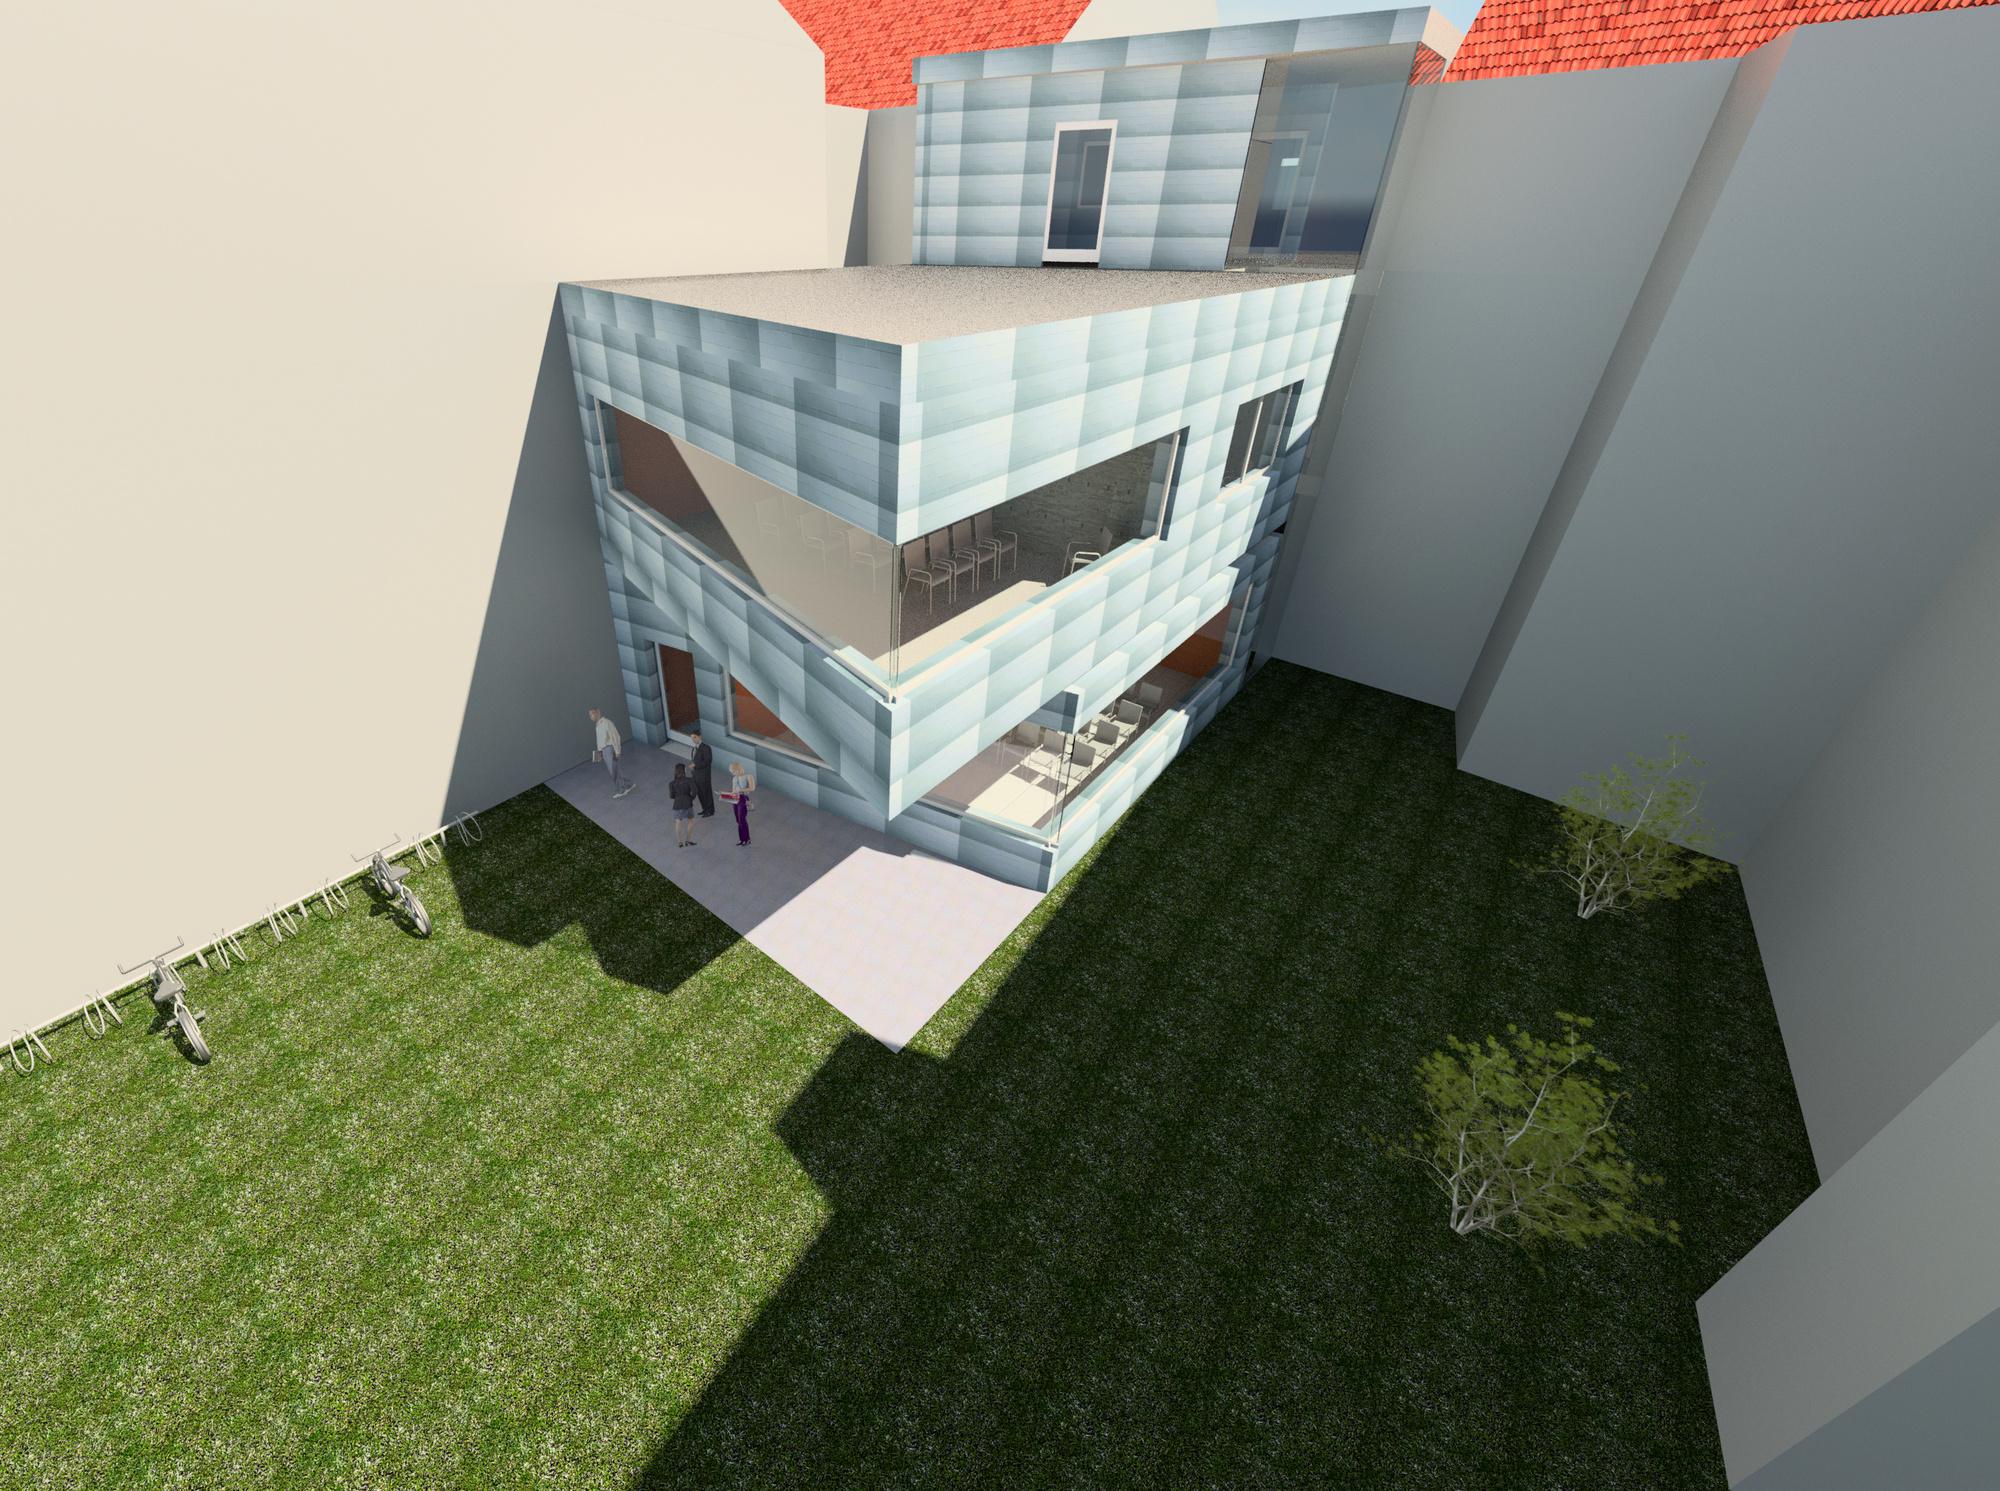 Raas-rendering20150128-19330-1loqsxd